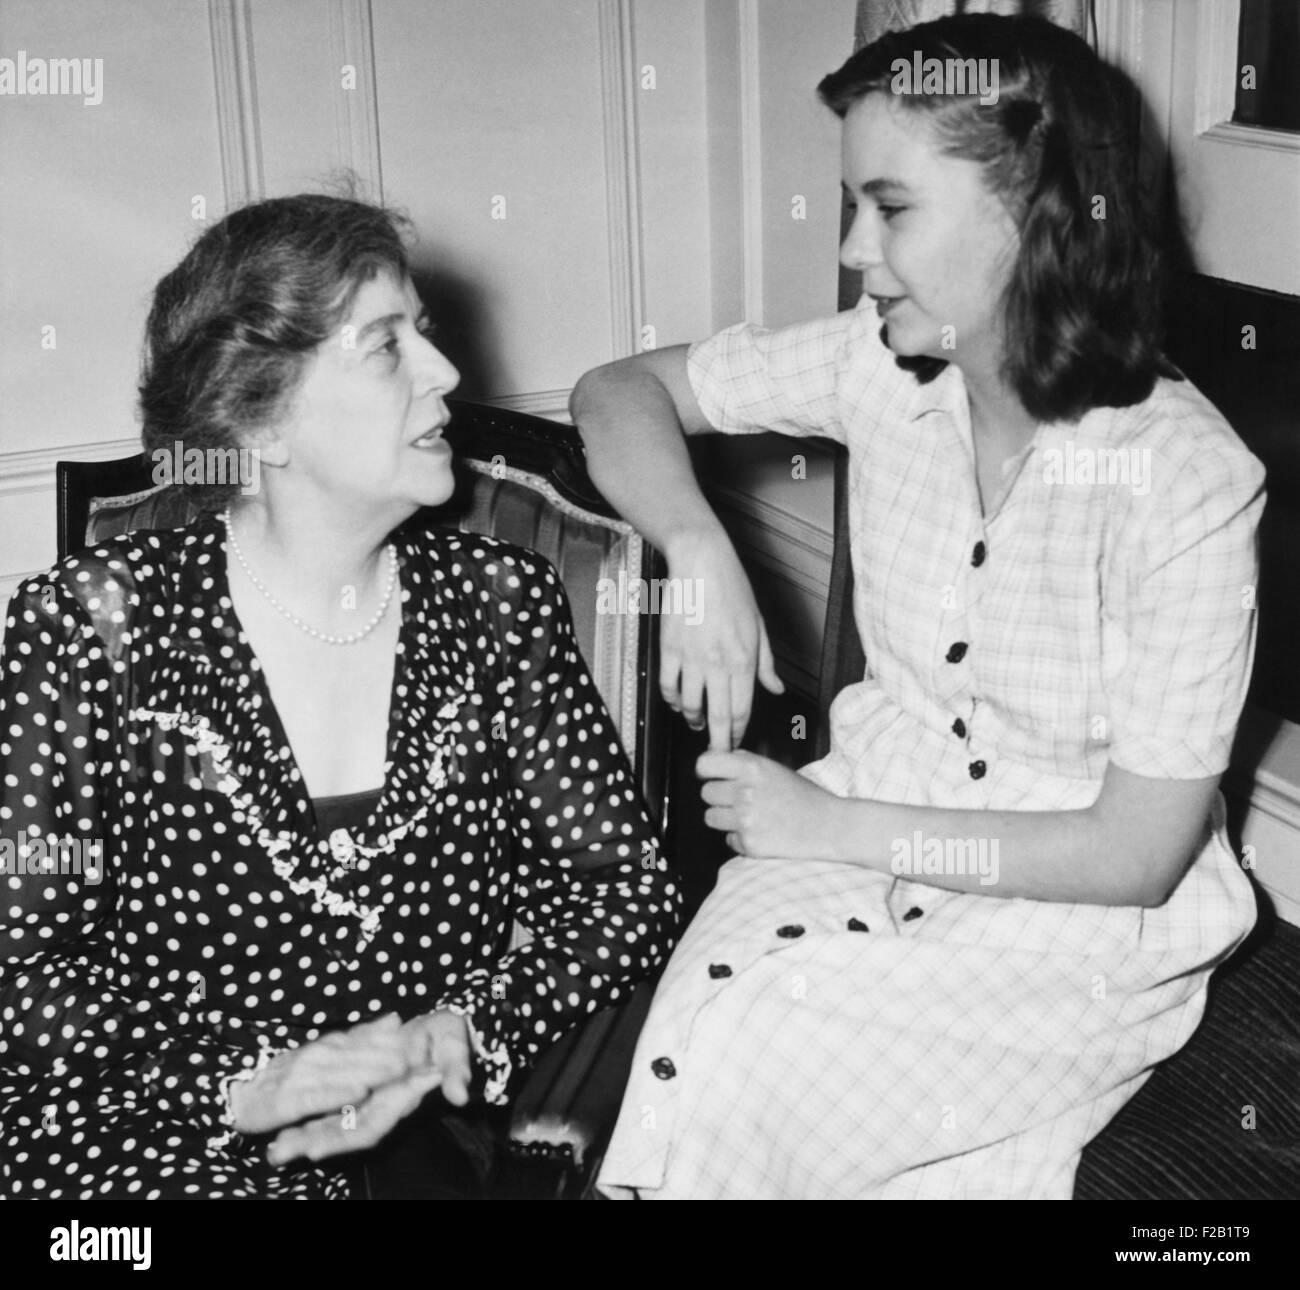 Alice Roosevelt Longworth con sua figlia, 19 anni di Paulina Longworth. Paulina funziona come una copia alla ragazza Immagini Stock